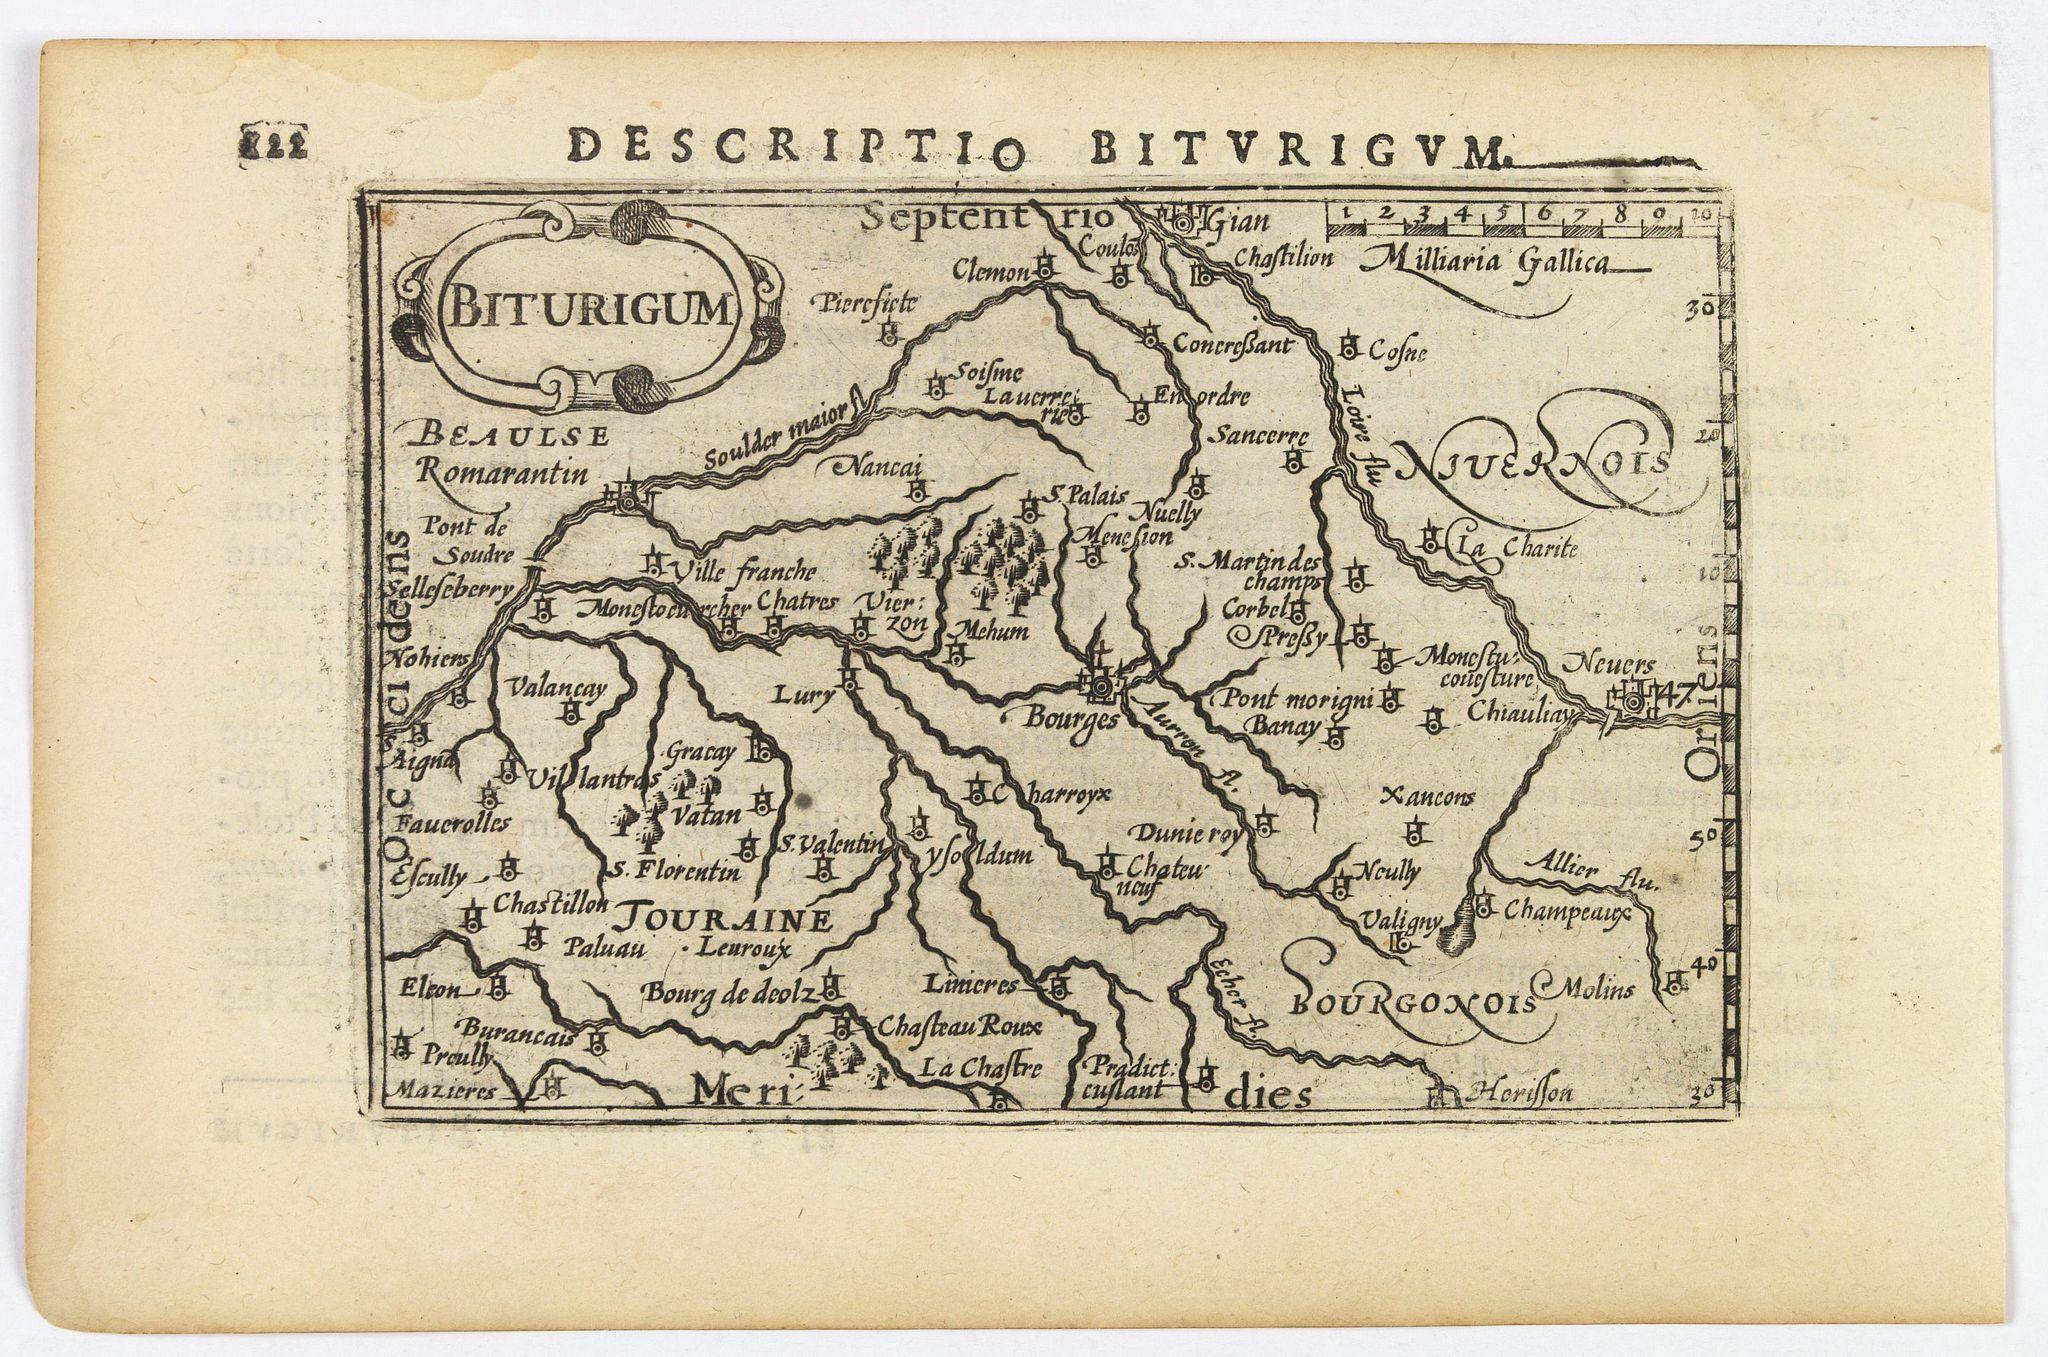 LANGENES, B. / BERTIUS, P. -  Descriptio Biturigum.